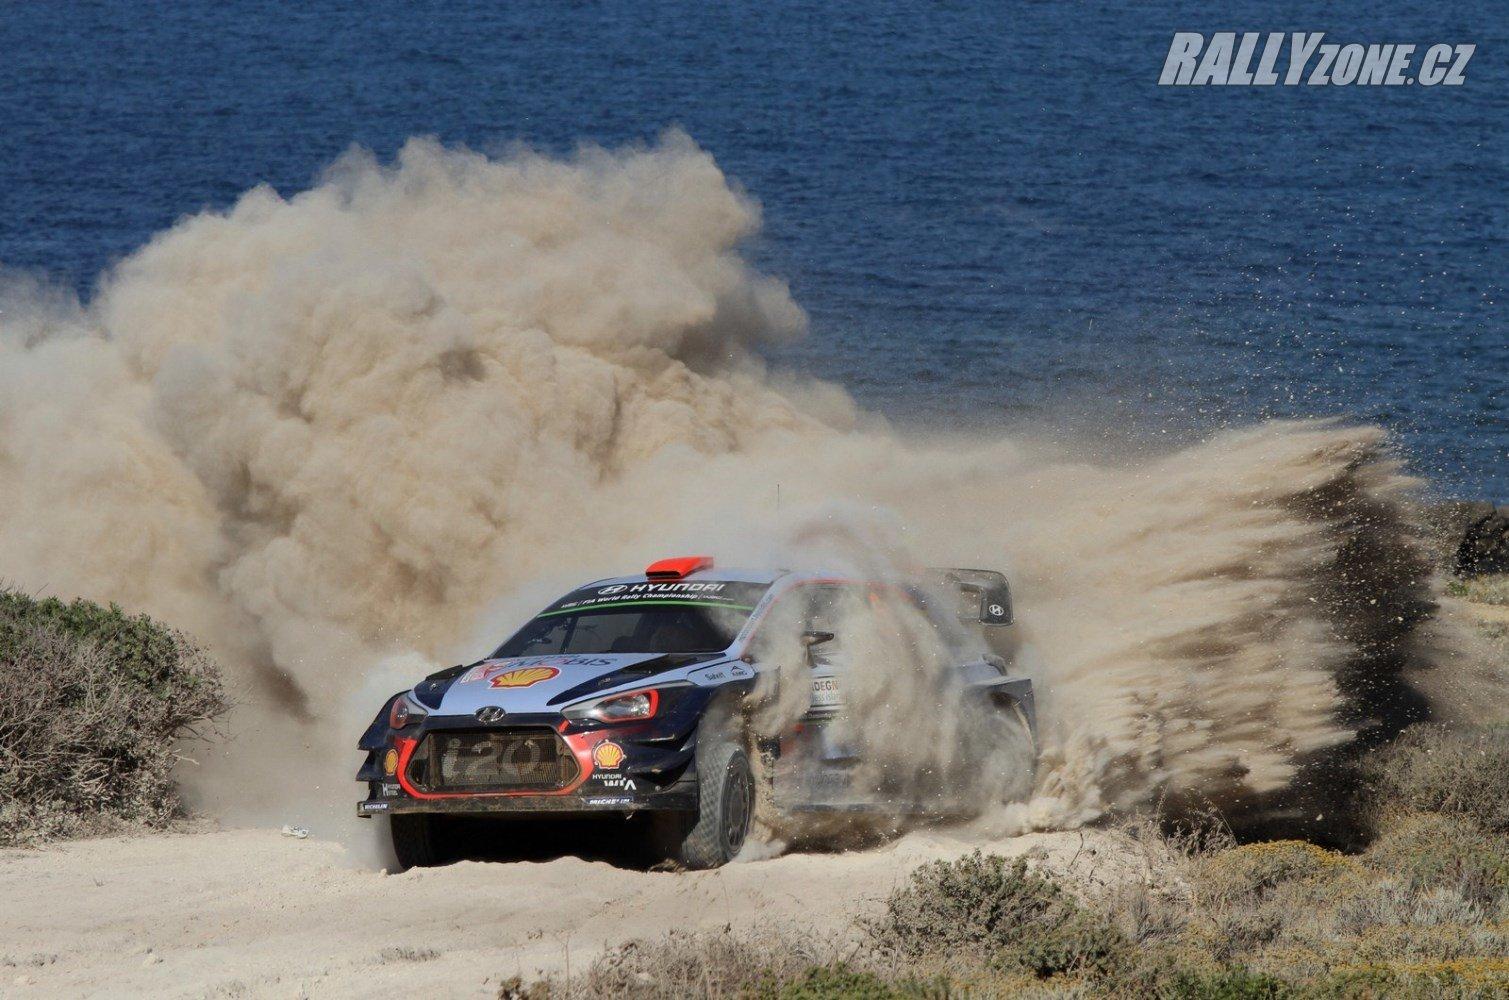 Nový promotér se snaží dělat více pro propagaci WRC